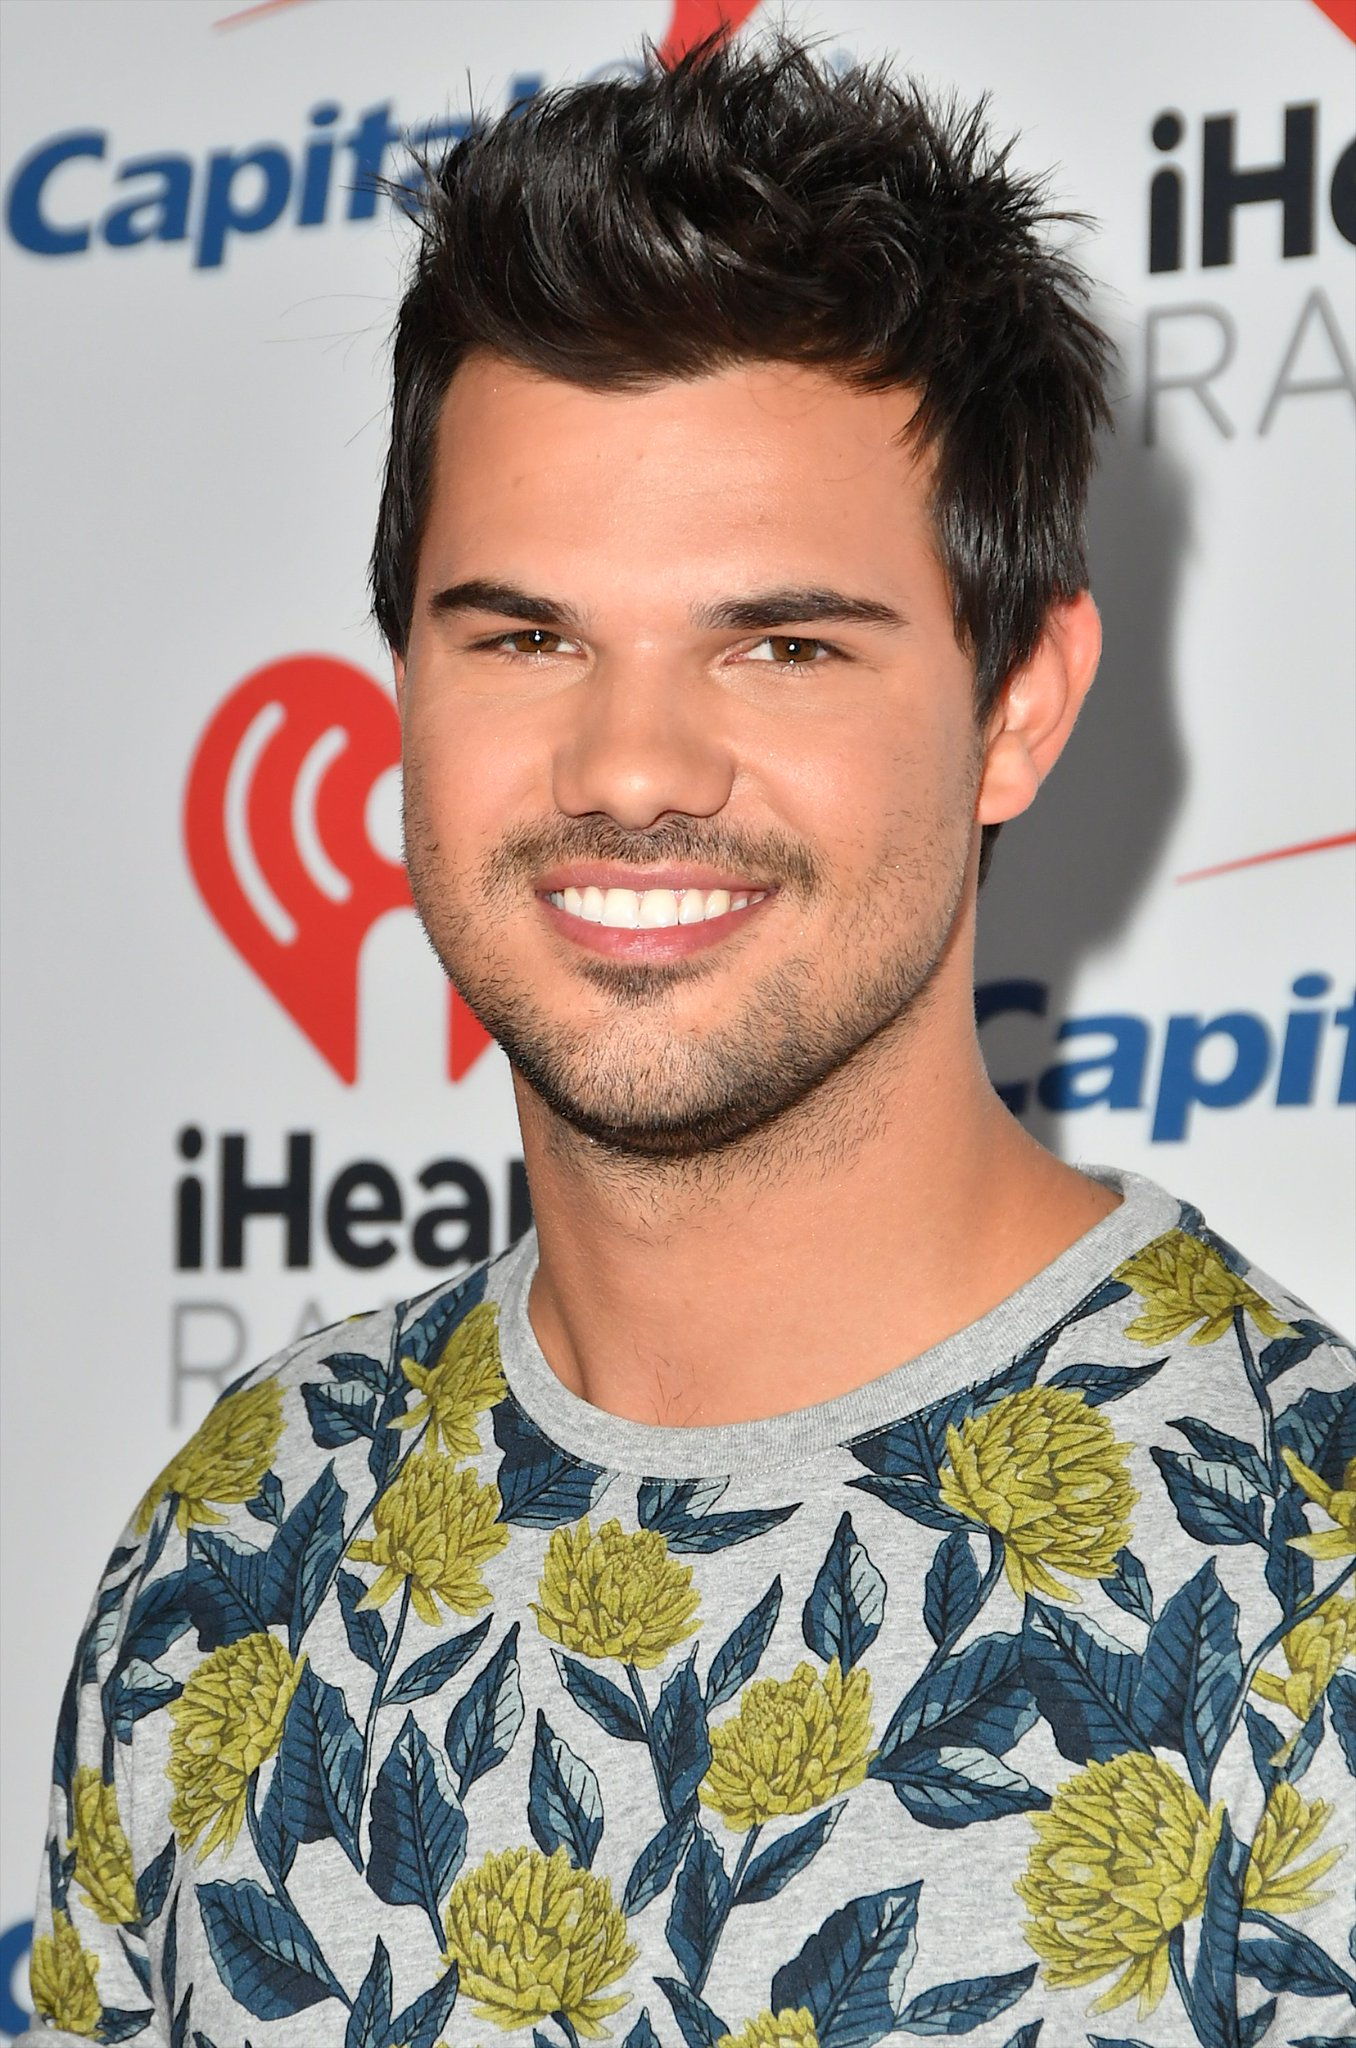 Taylor Lautner Mania on Twitter: 🔥 ATUALIZAÇÃO NA GALERIA